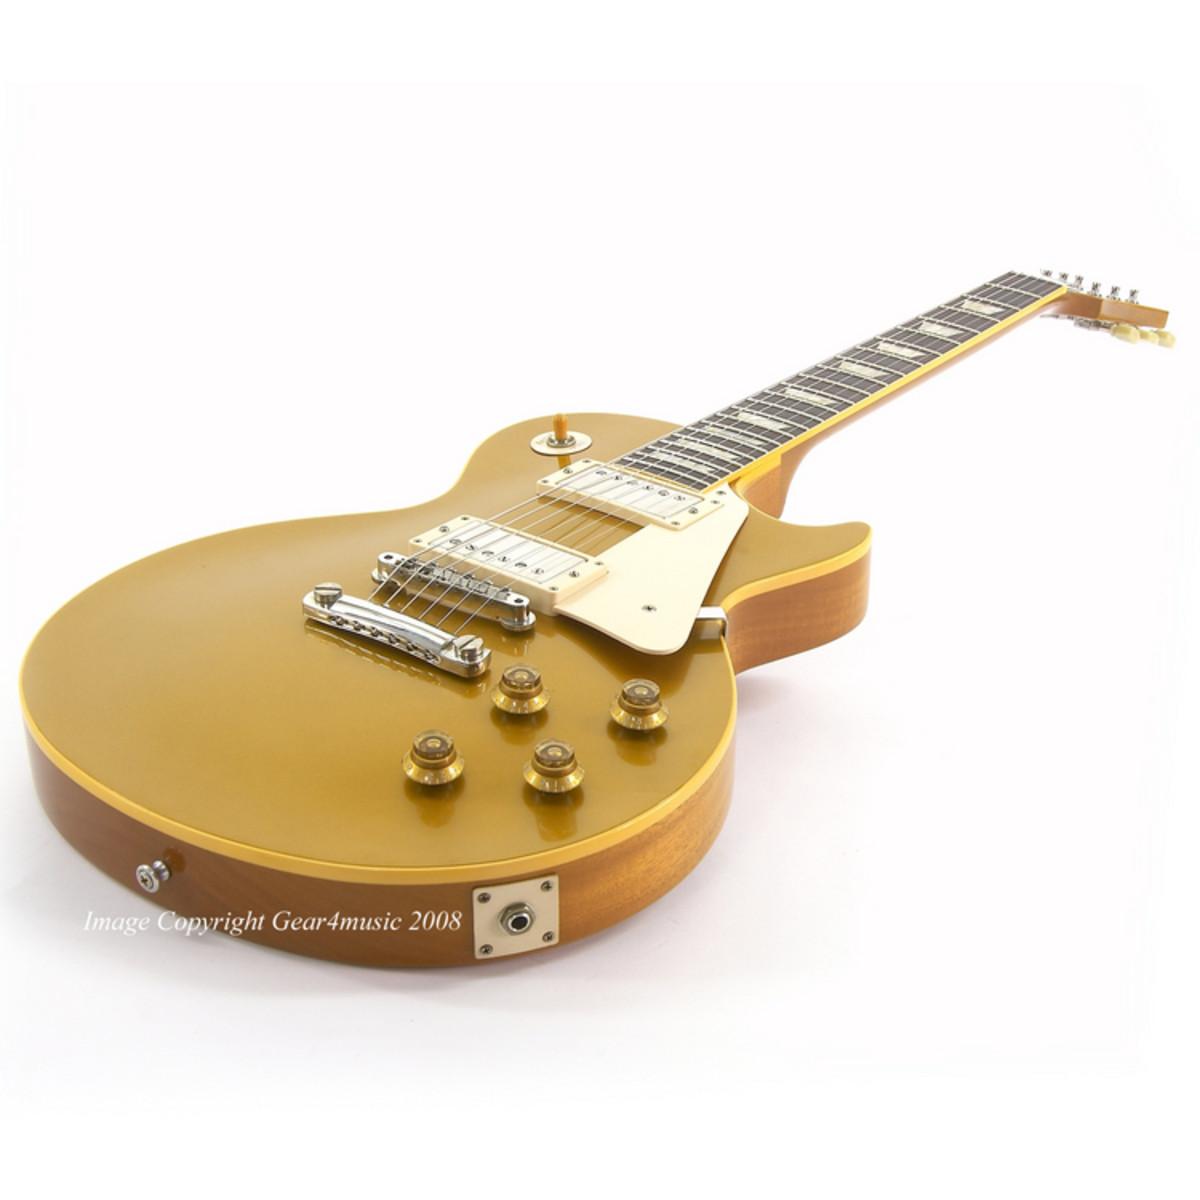 guitare lectrique de gibson les paul 1957 vos goldtop. Black Bedroom Furniture Sets. Home Design Ideas